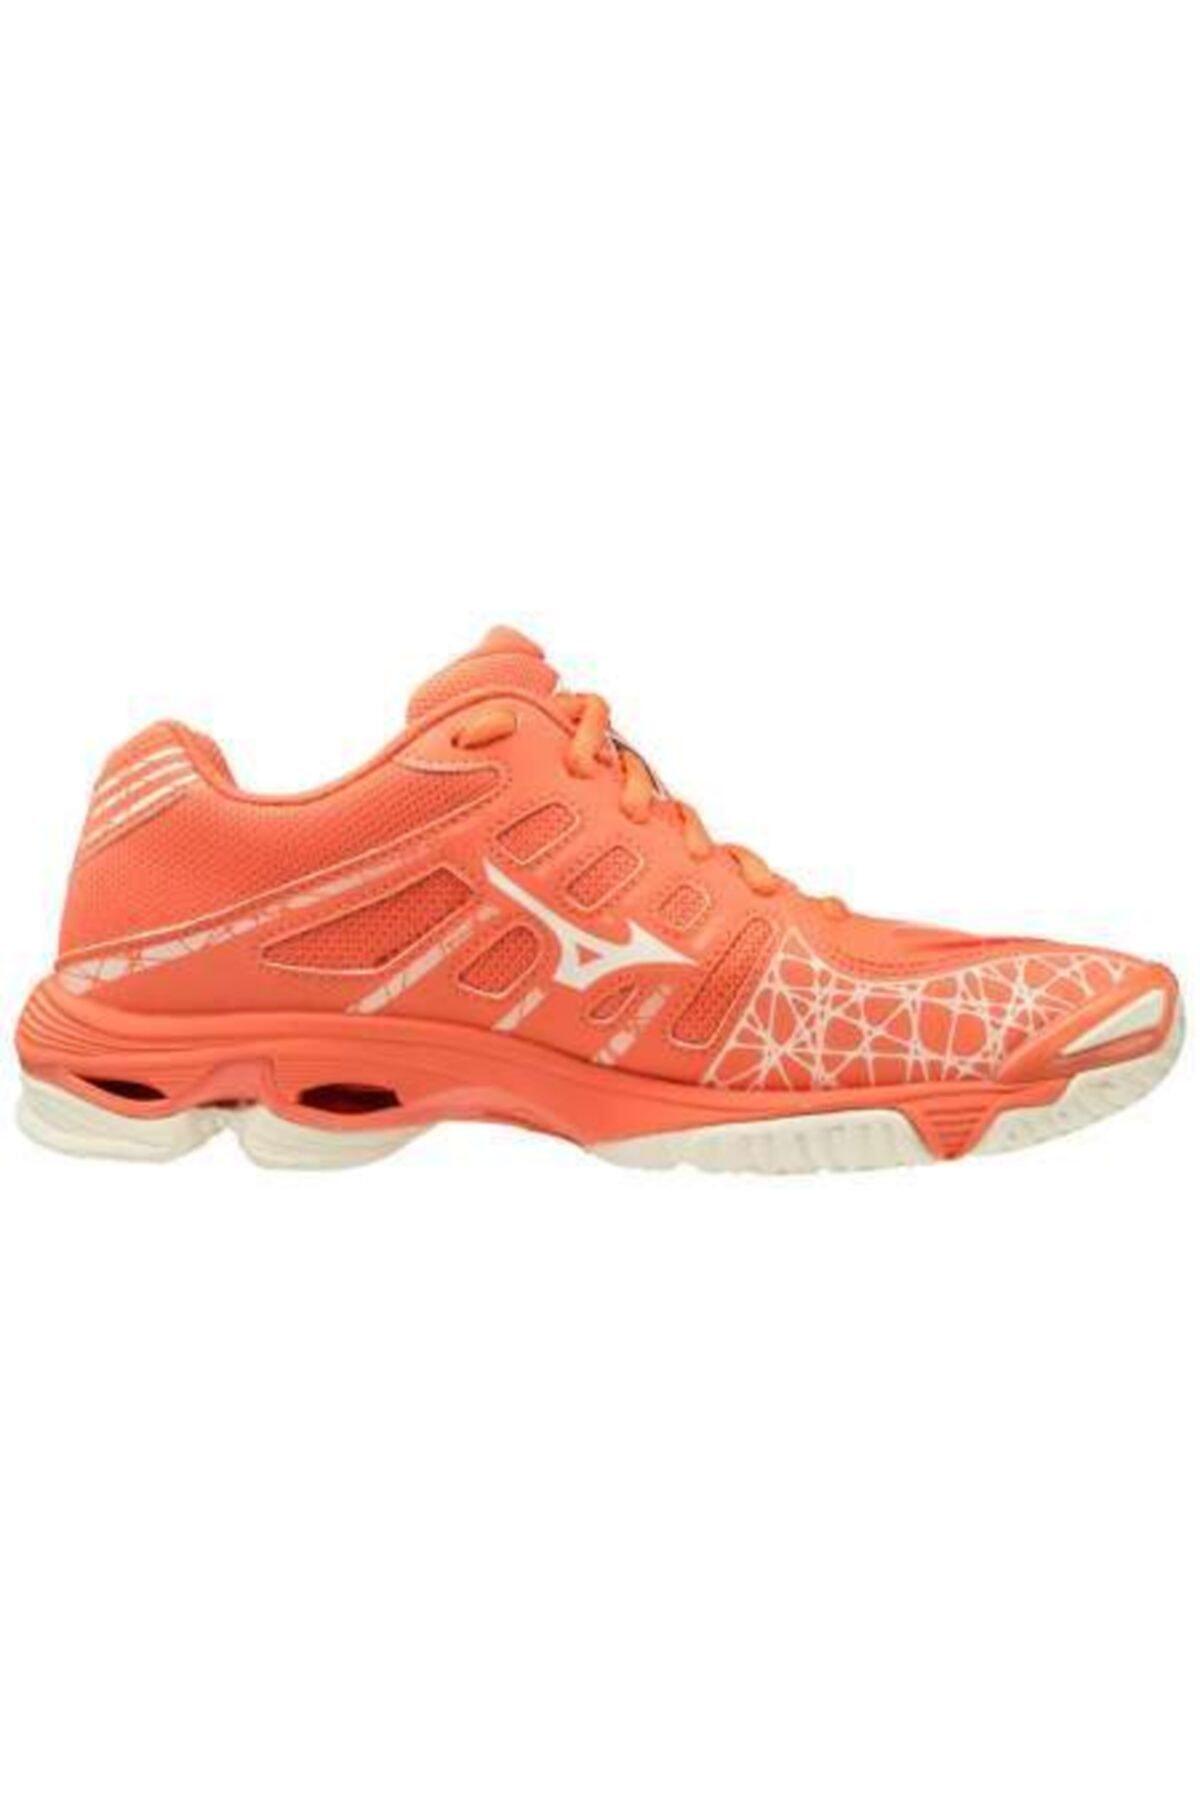 MIZUNO Wave Voltage Kadın Voleybol Ayakkabısı Mercan 2